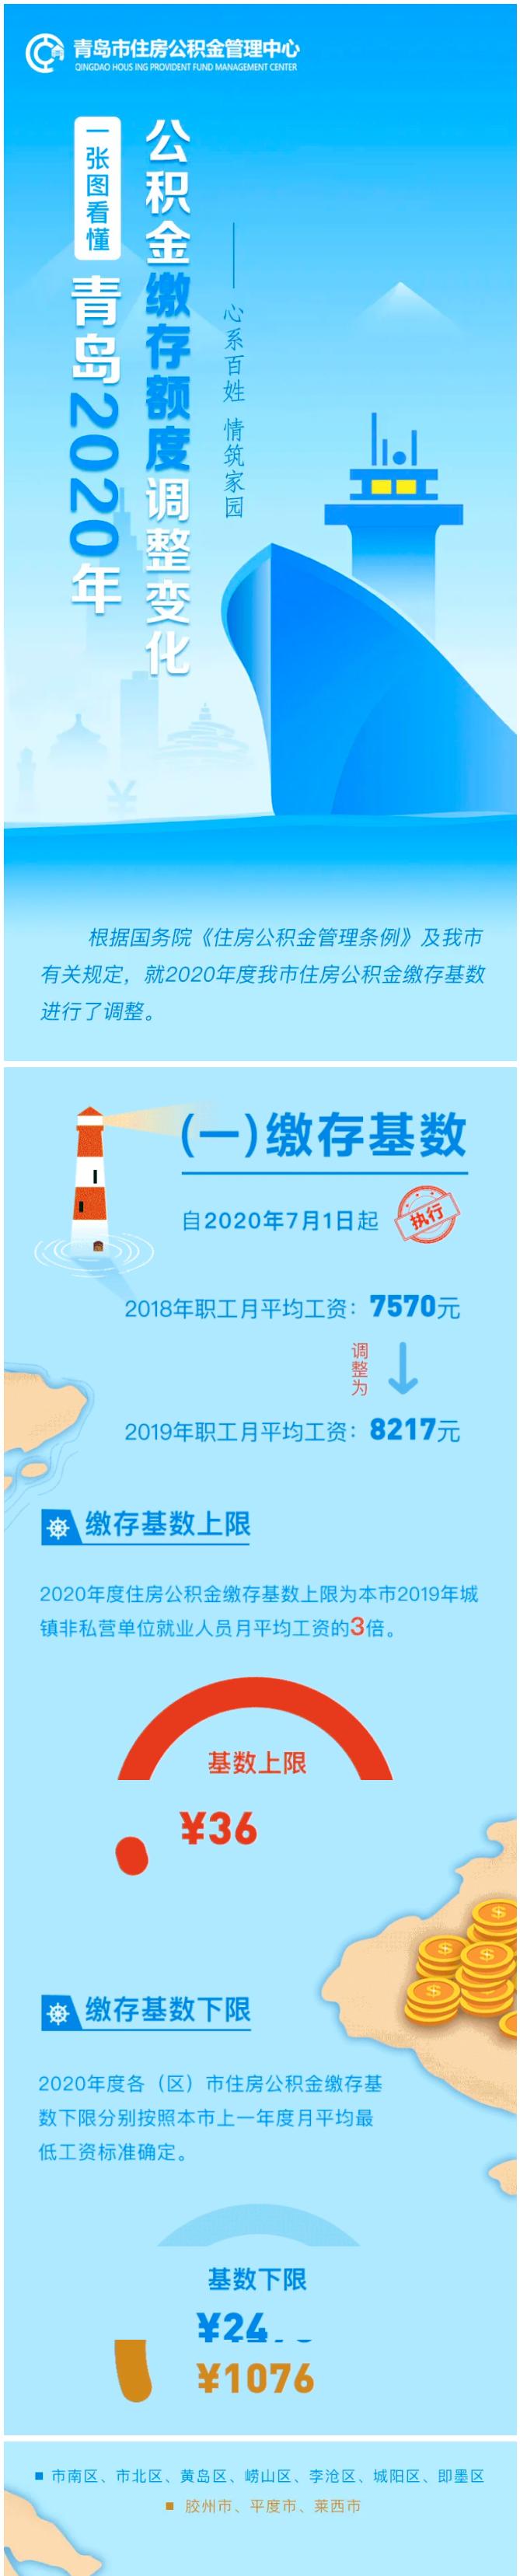 青岛市公积金�z*_深圳、南京、厦门、贵阳、青岛、南宁公积金基数公布,7月1日起